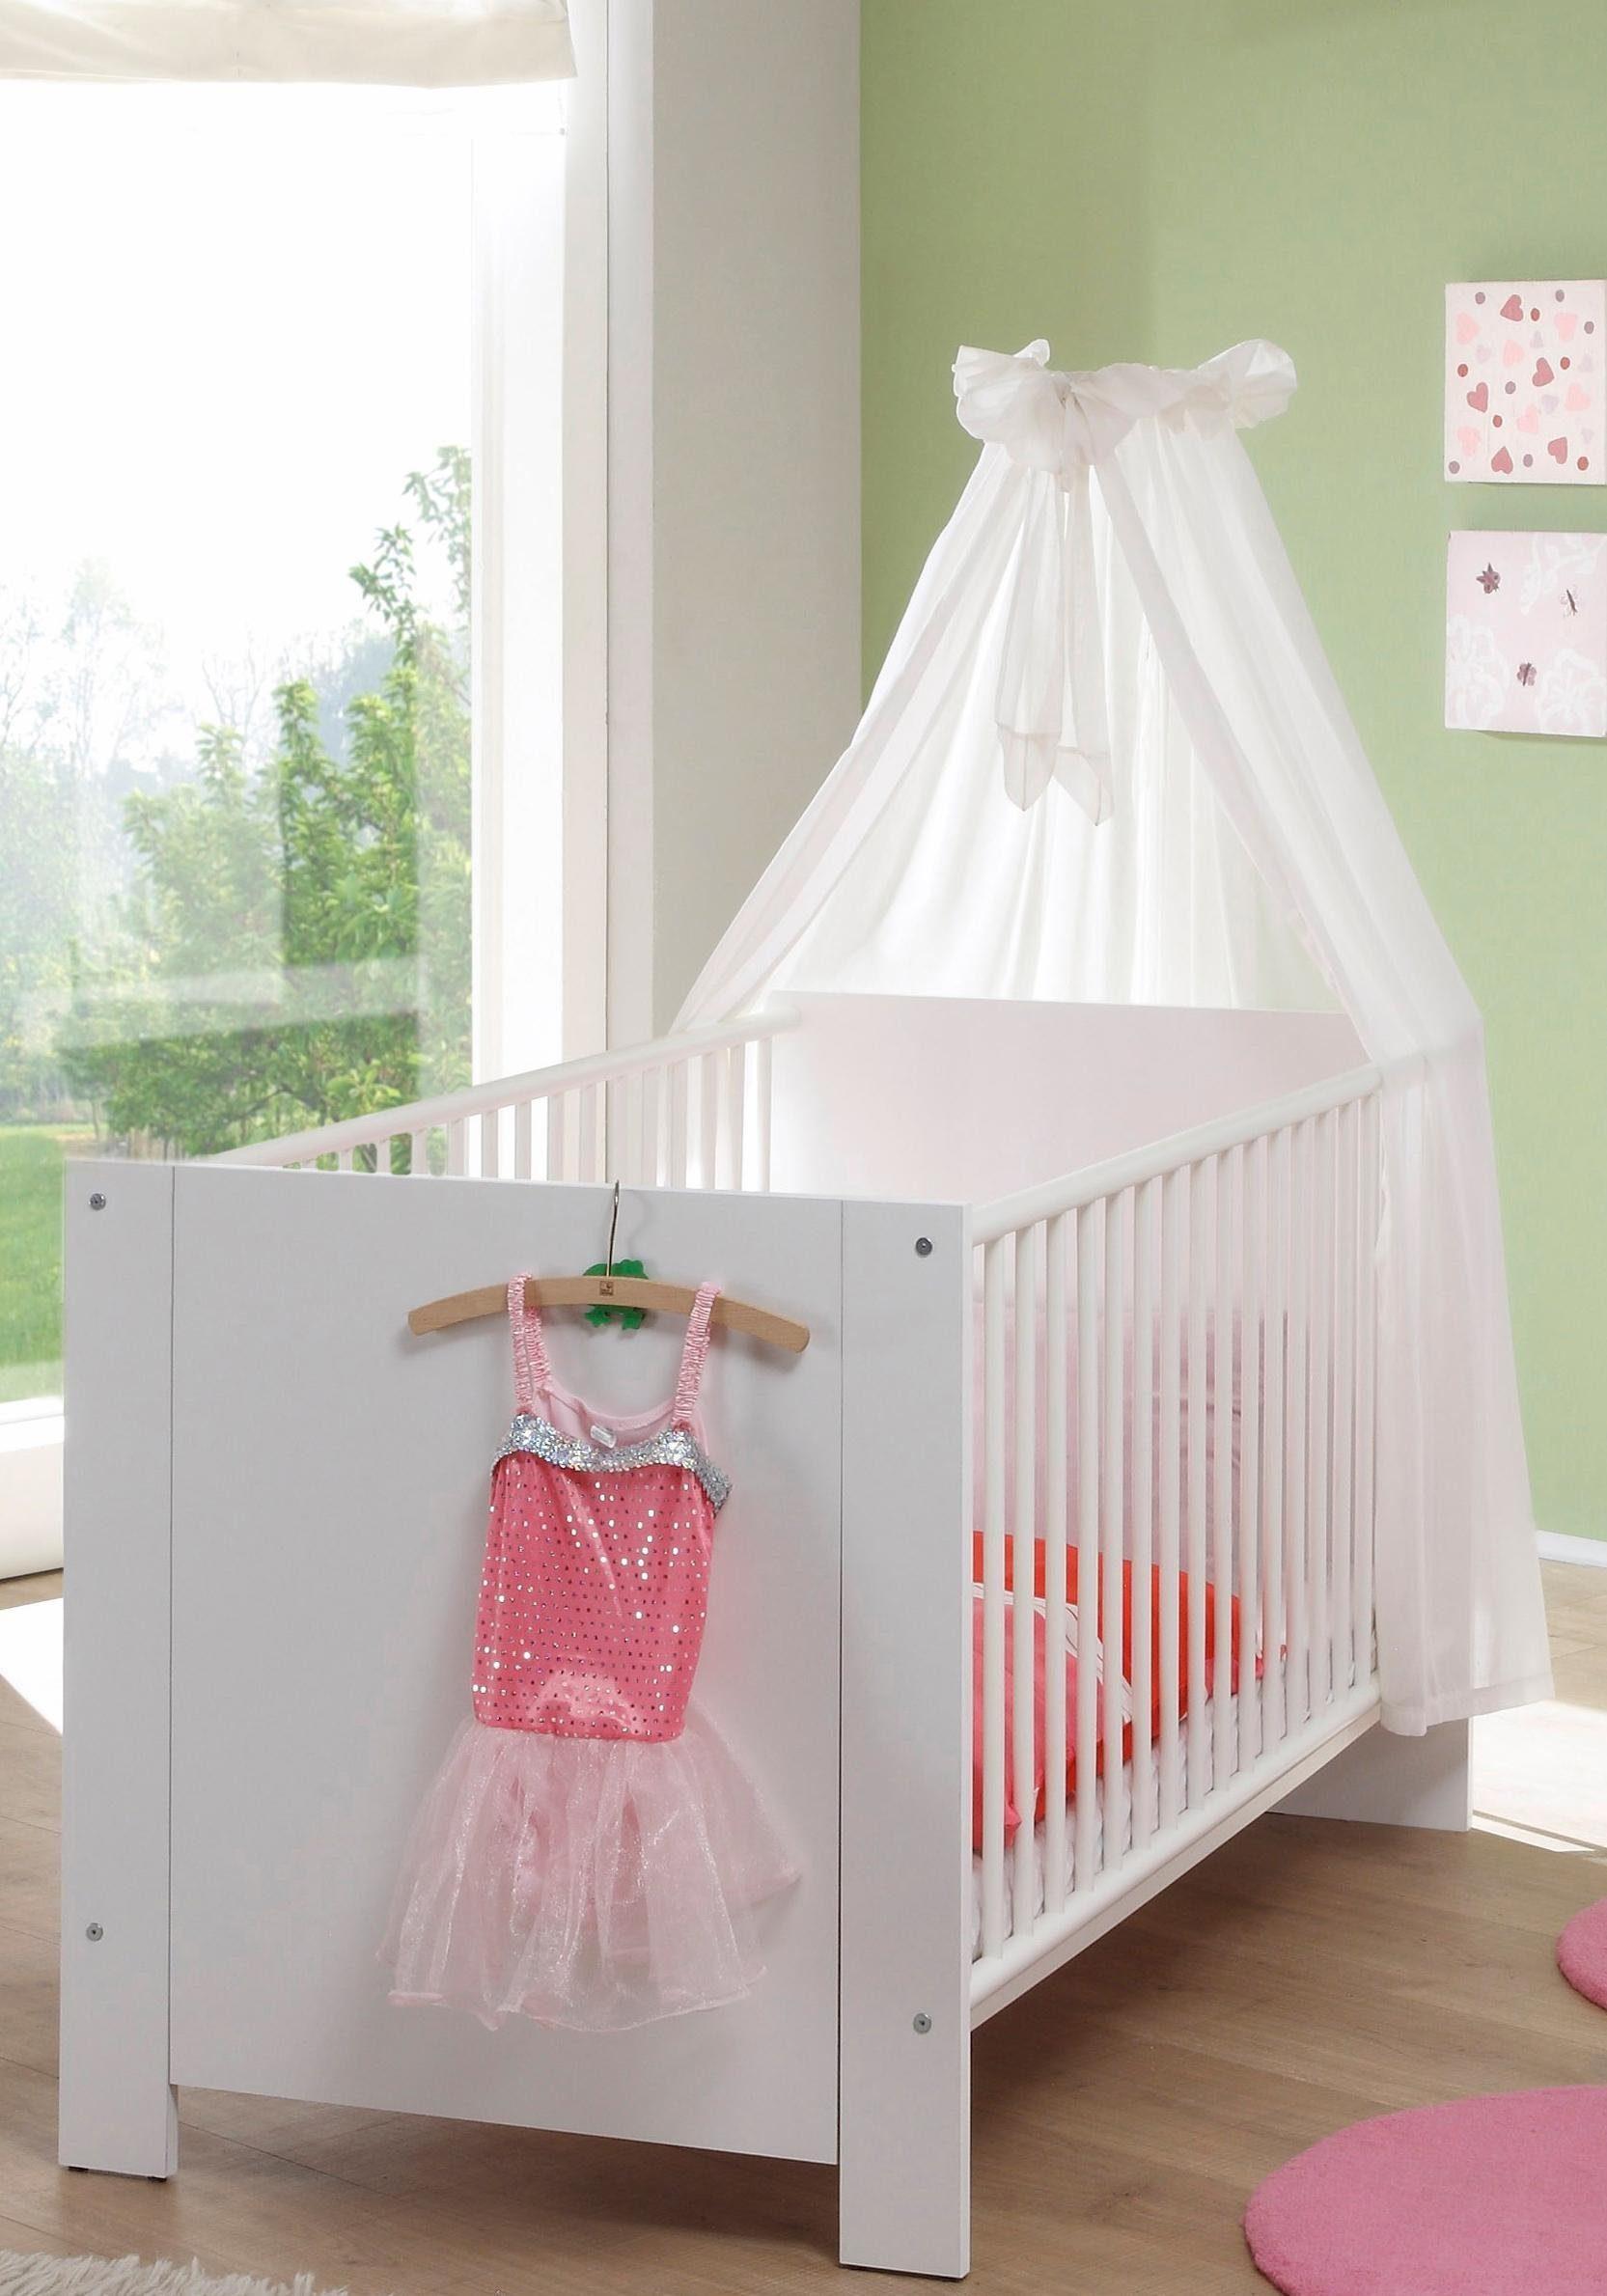 Babybett aus der Babymöbel Serie »Trend« in weiß